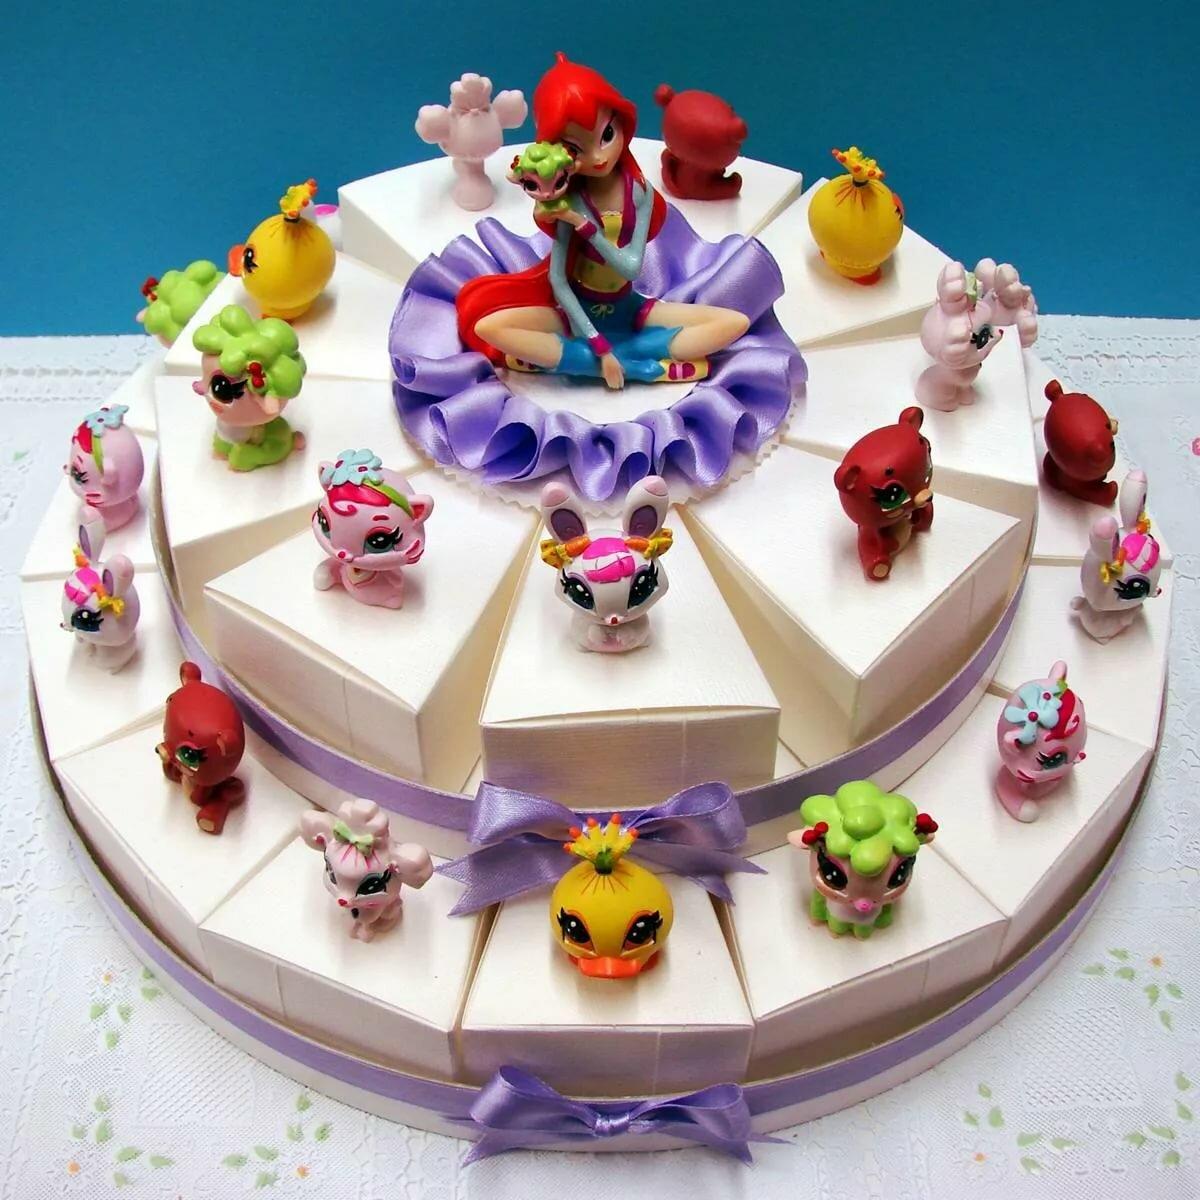 заказ картинок для торта ранее письки